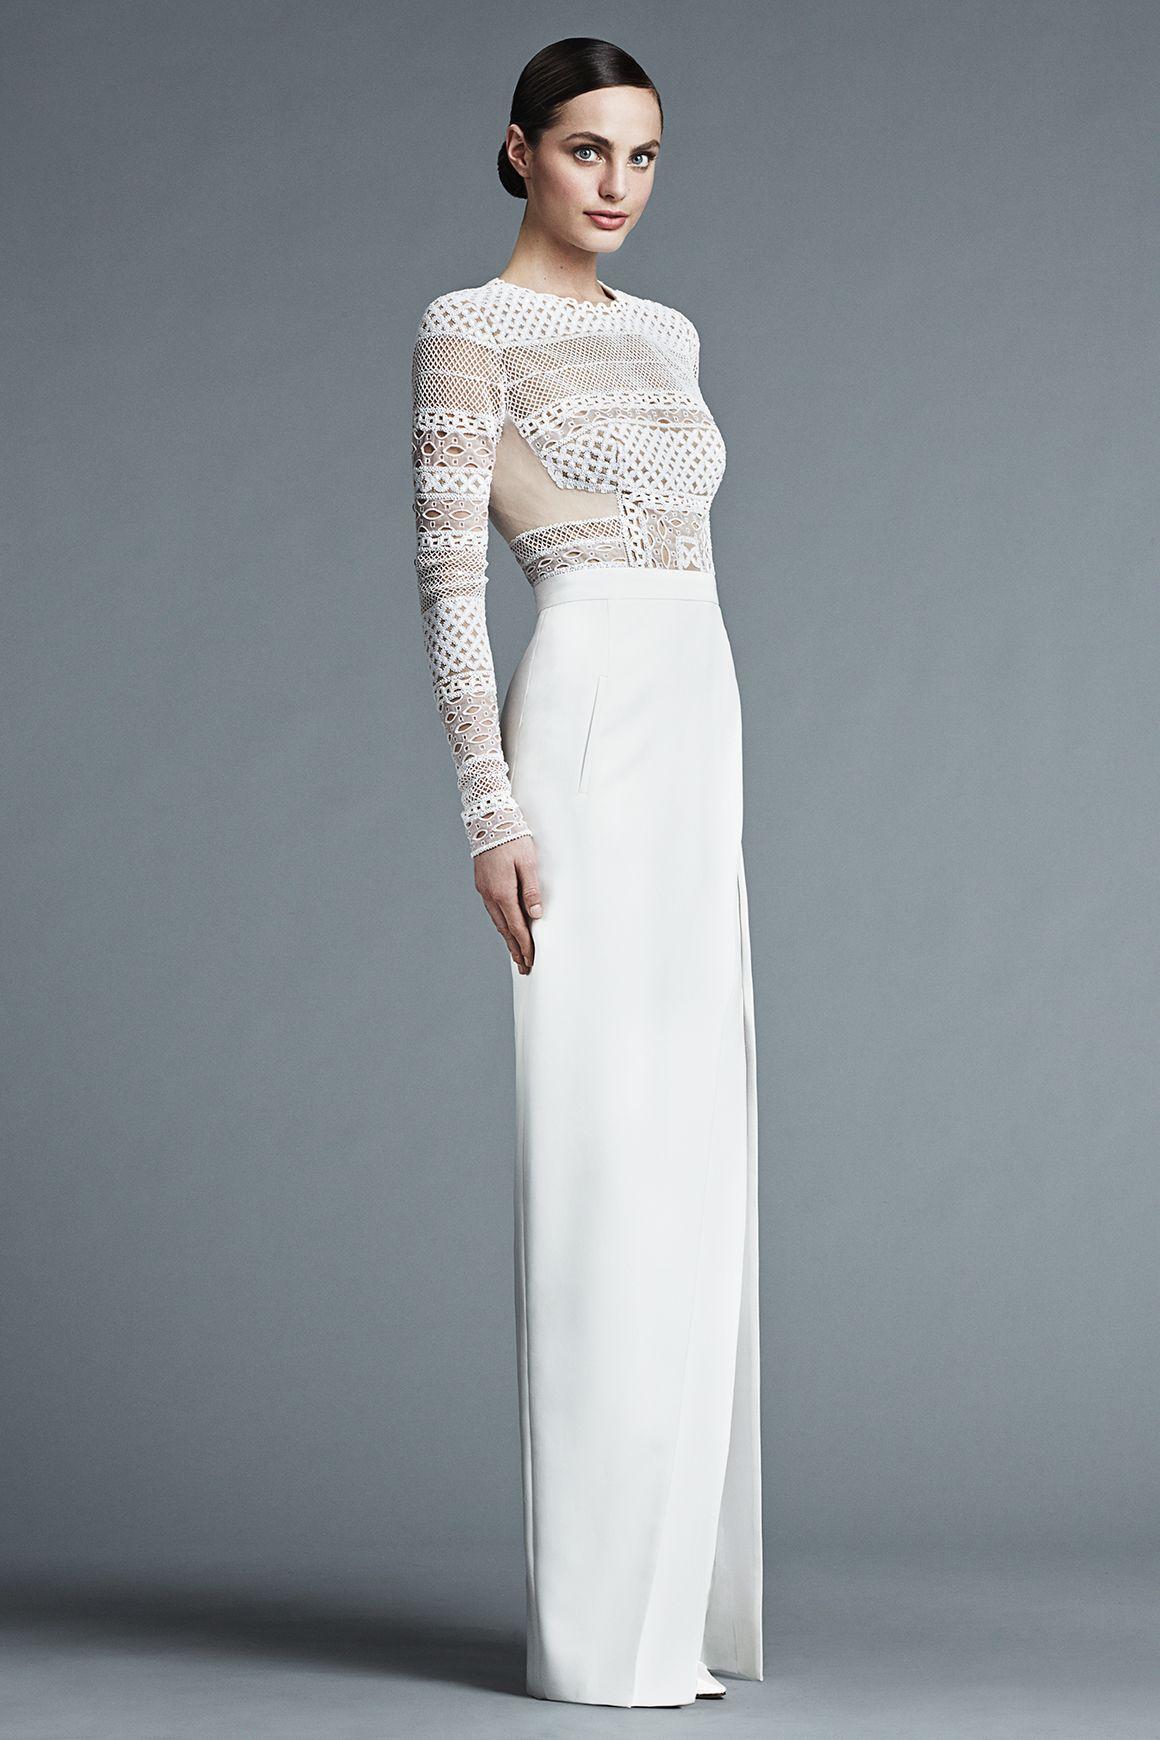 Pin de Theodora Jiru en bridal | Pinterest | Novios, Vestidos novia ...